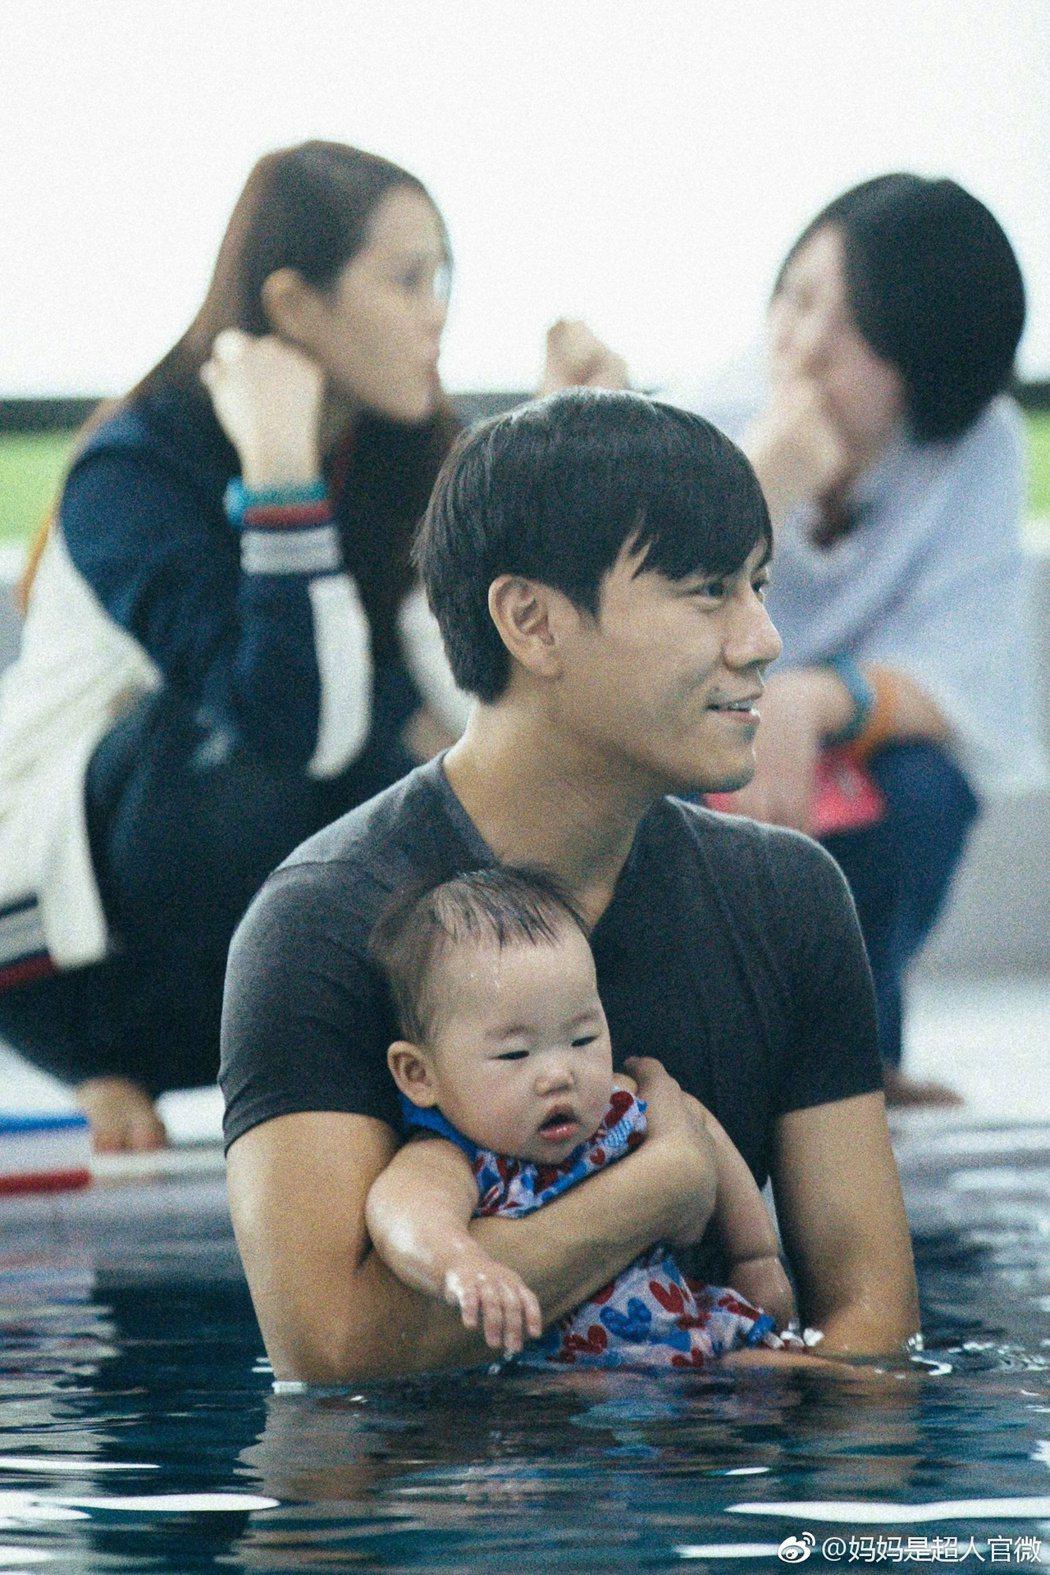 秦昊在實境節目中帶著女兒小米粒。 圖/擷自媽媽是超人微博